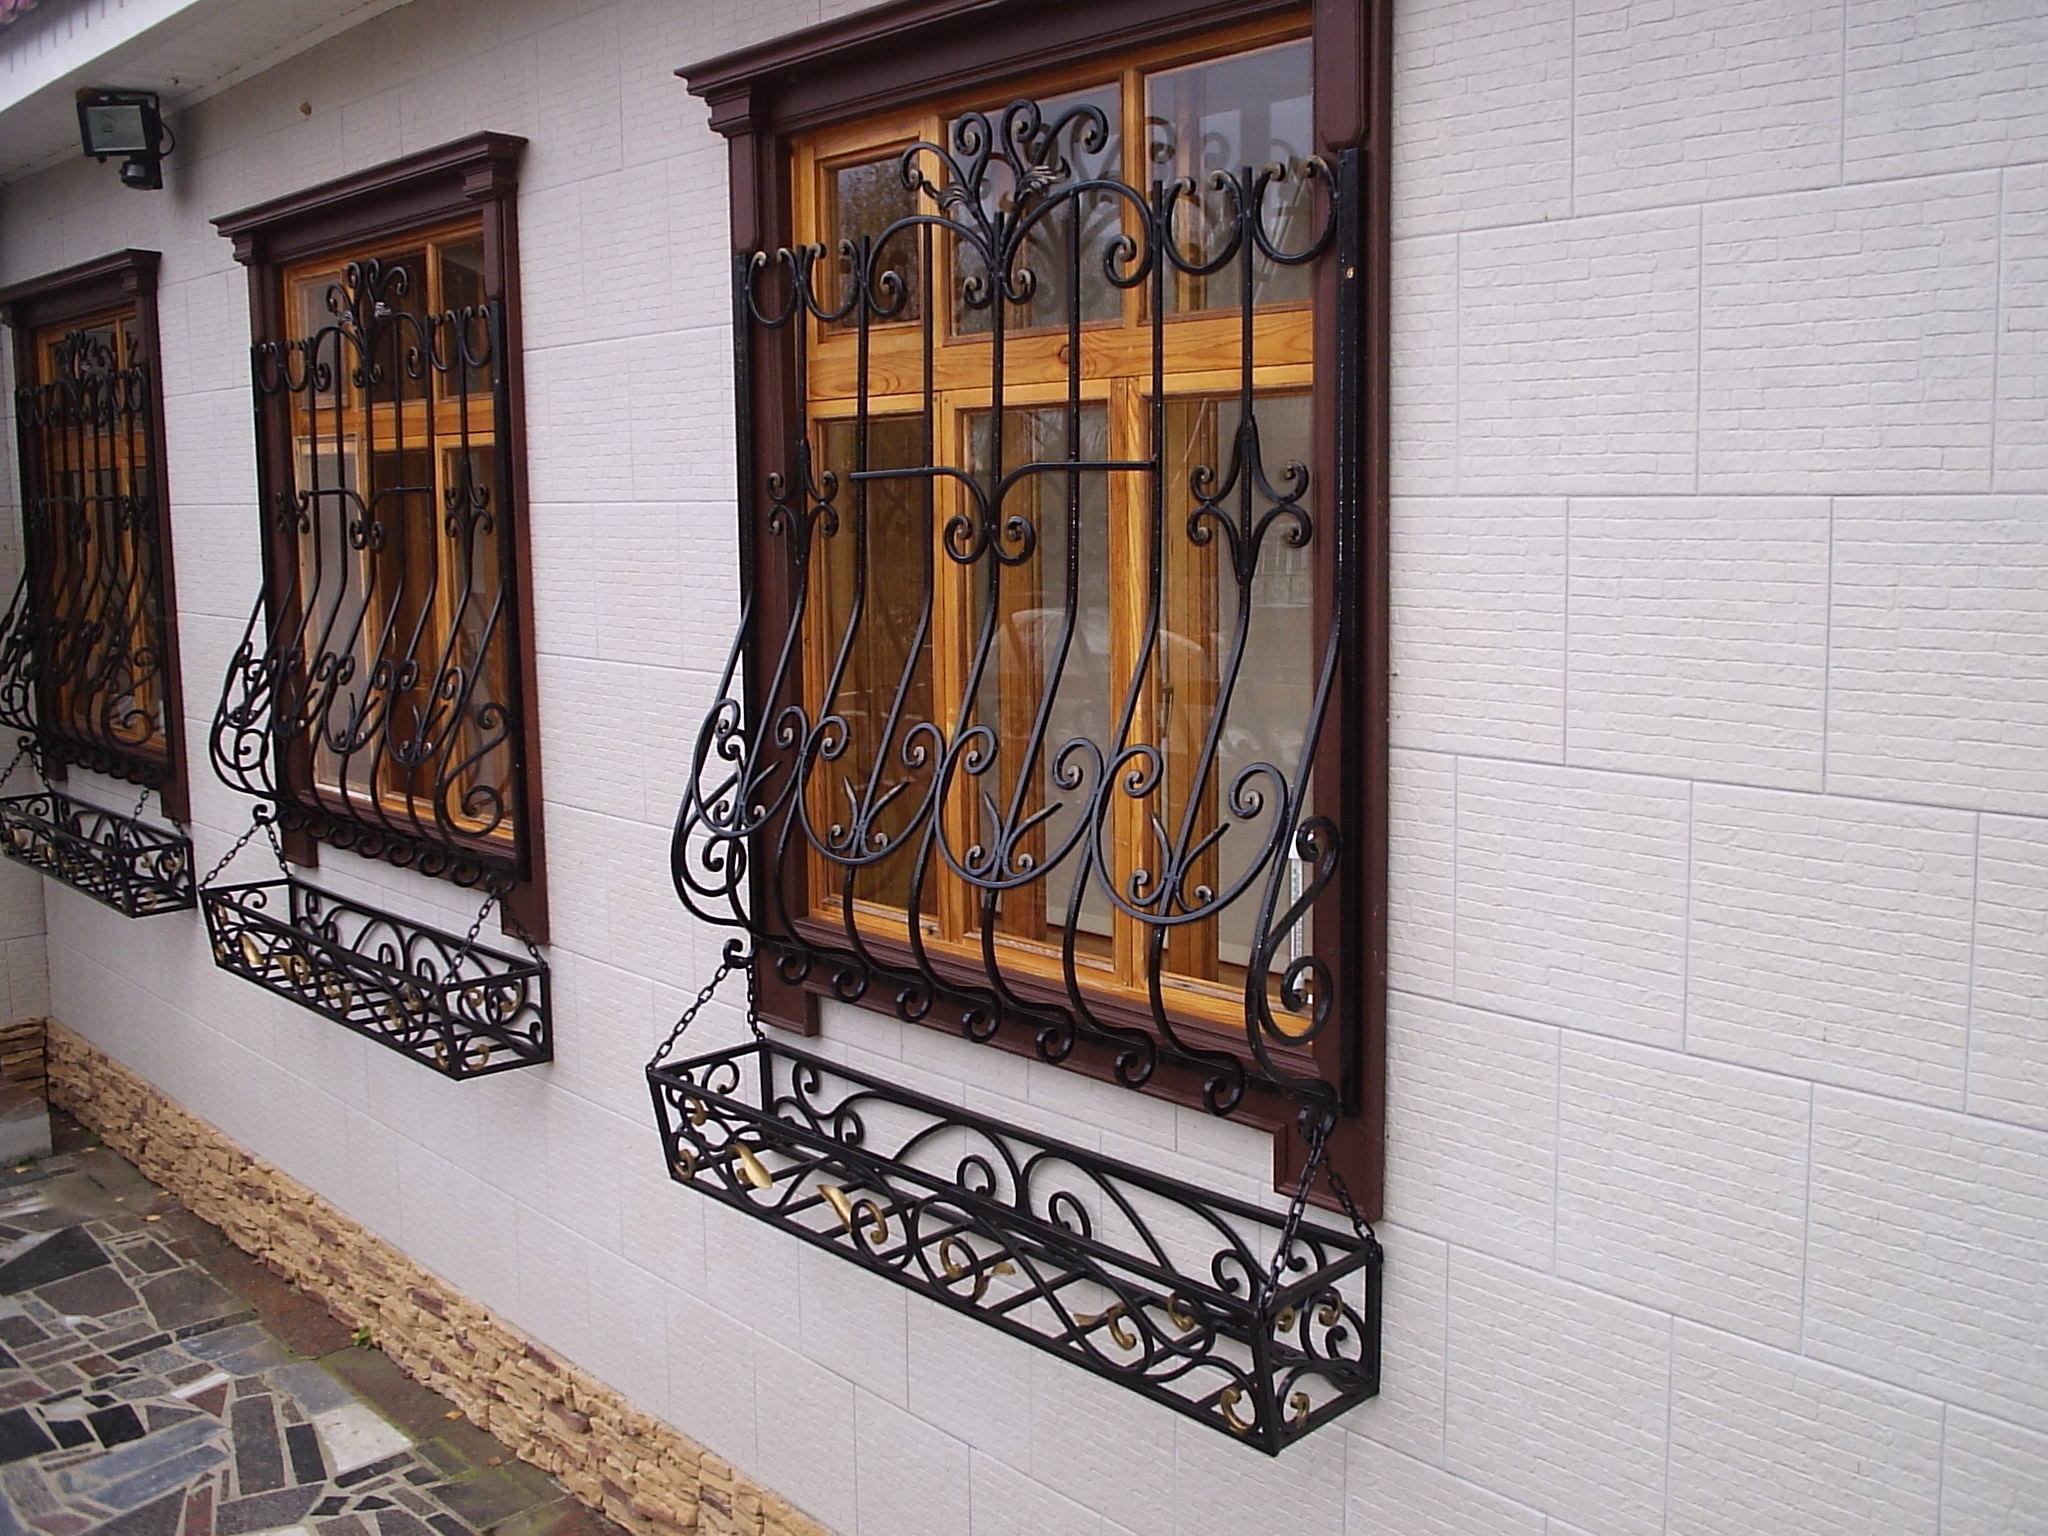 Кованые решетки на окна: цена, фото, описание - брянск - гар.